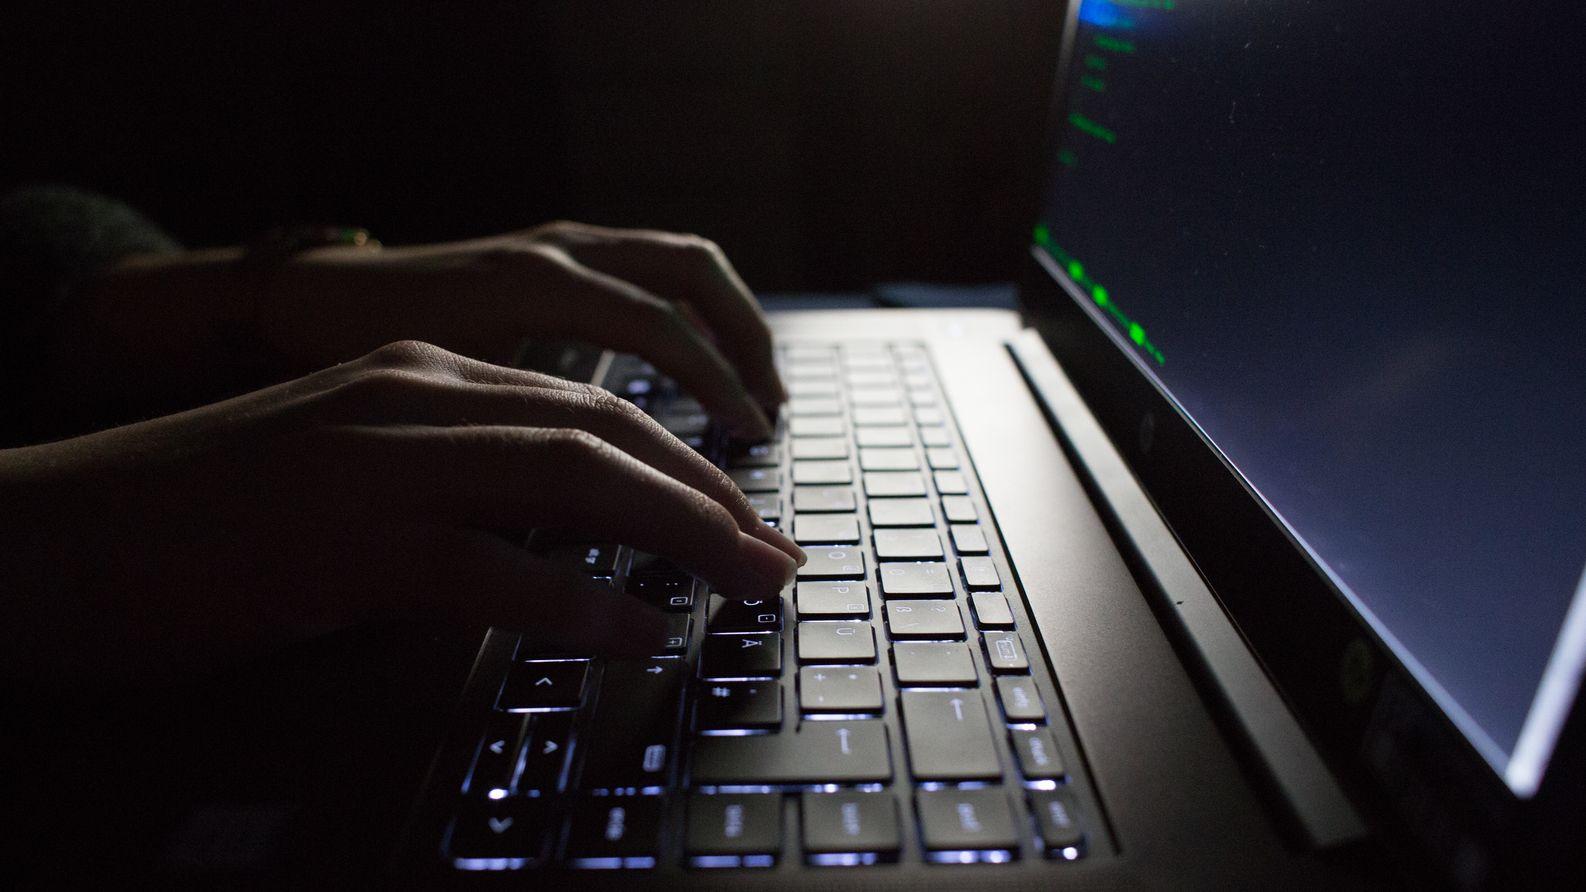 Cyber-Kriminelle nutzen Corona-Krise aus